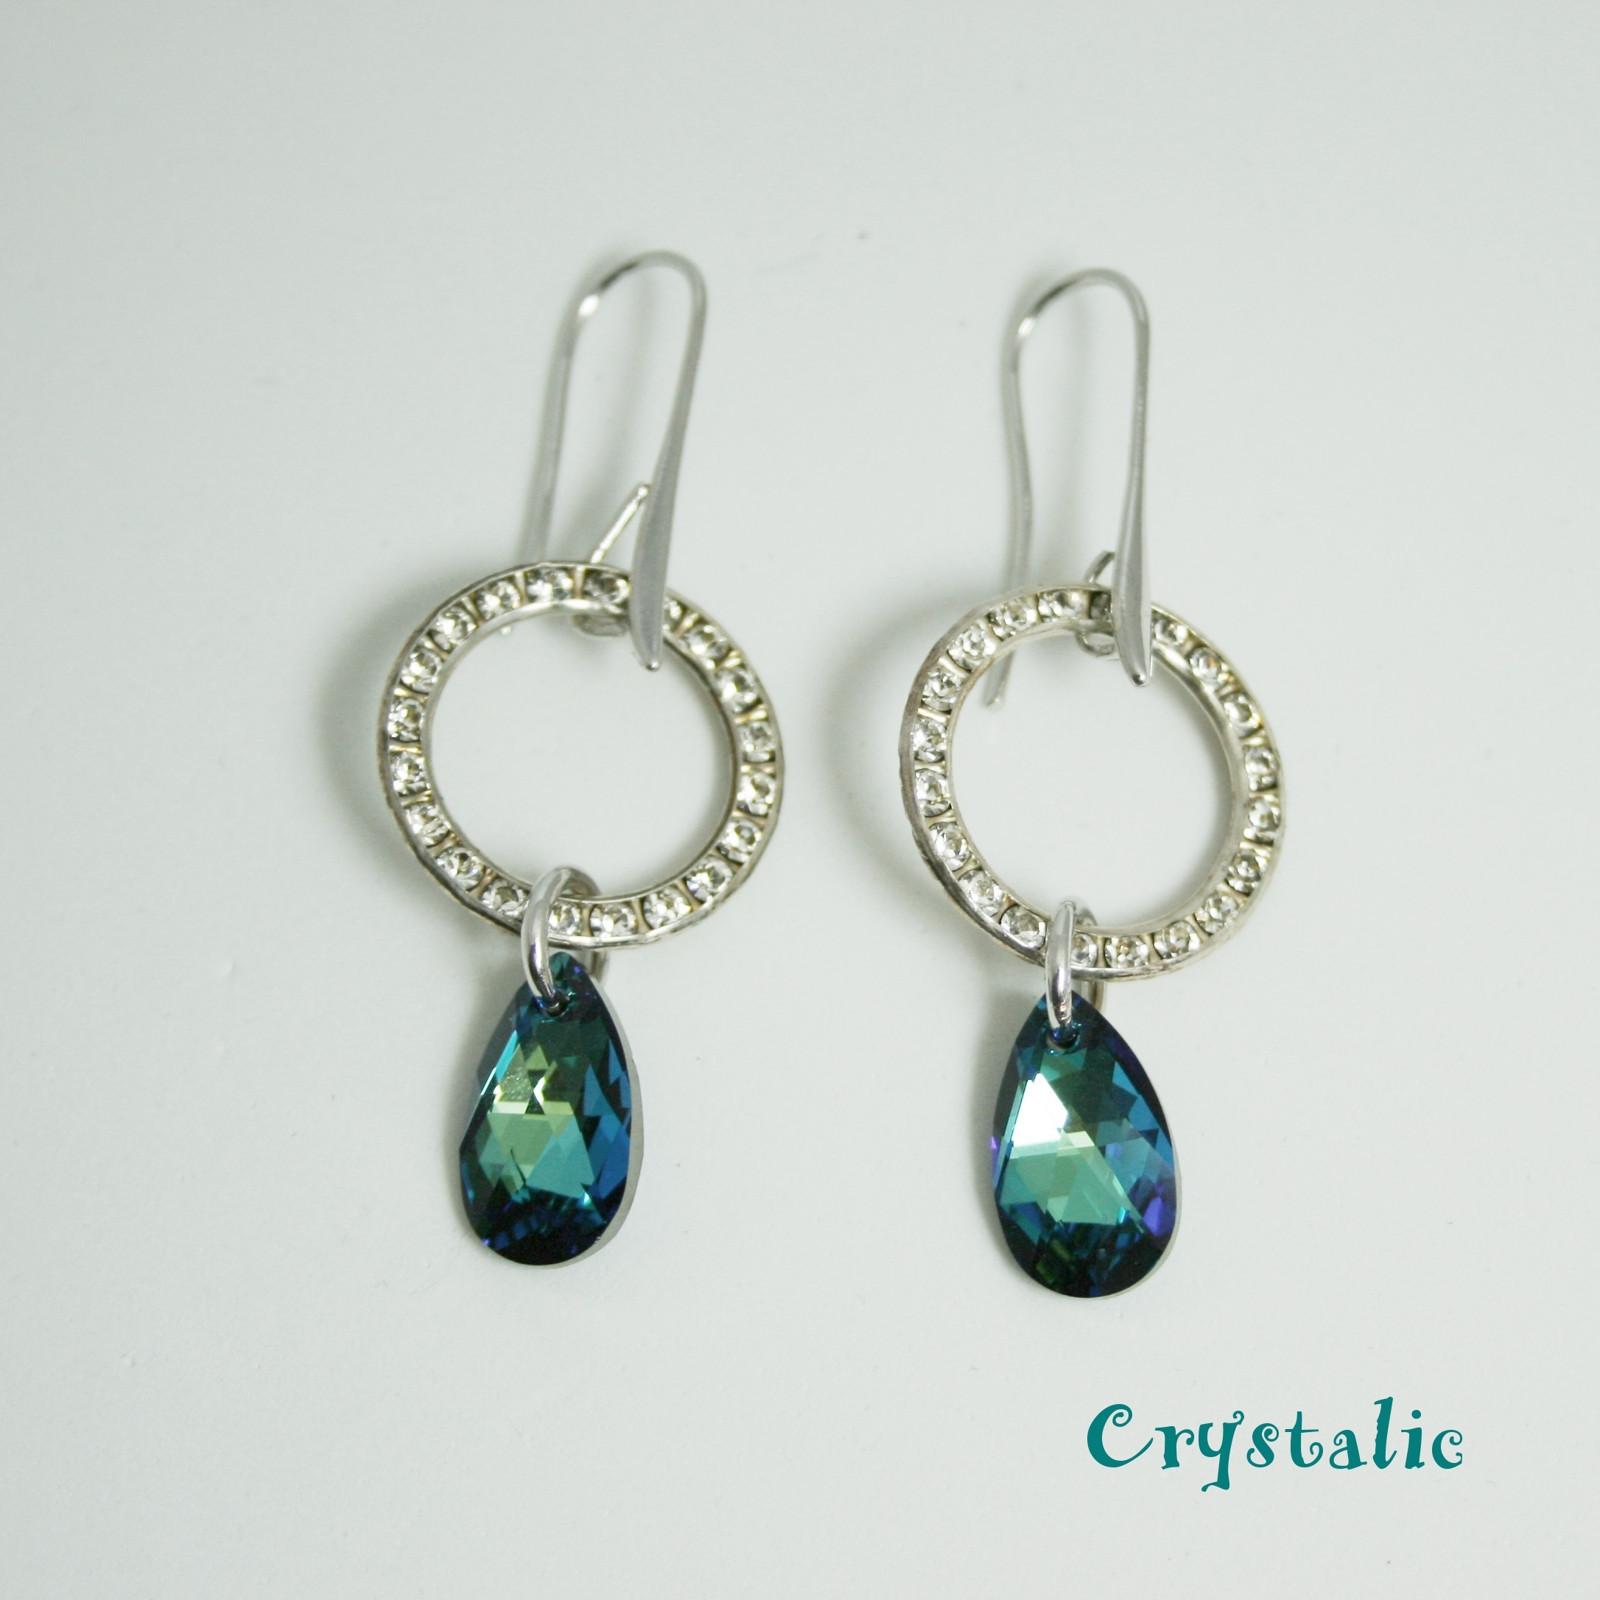 Náušnice kolečka se Swarovski crystals   Zboží prodejce Crystalic ... e83dc724596